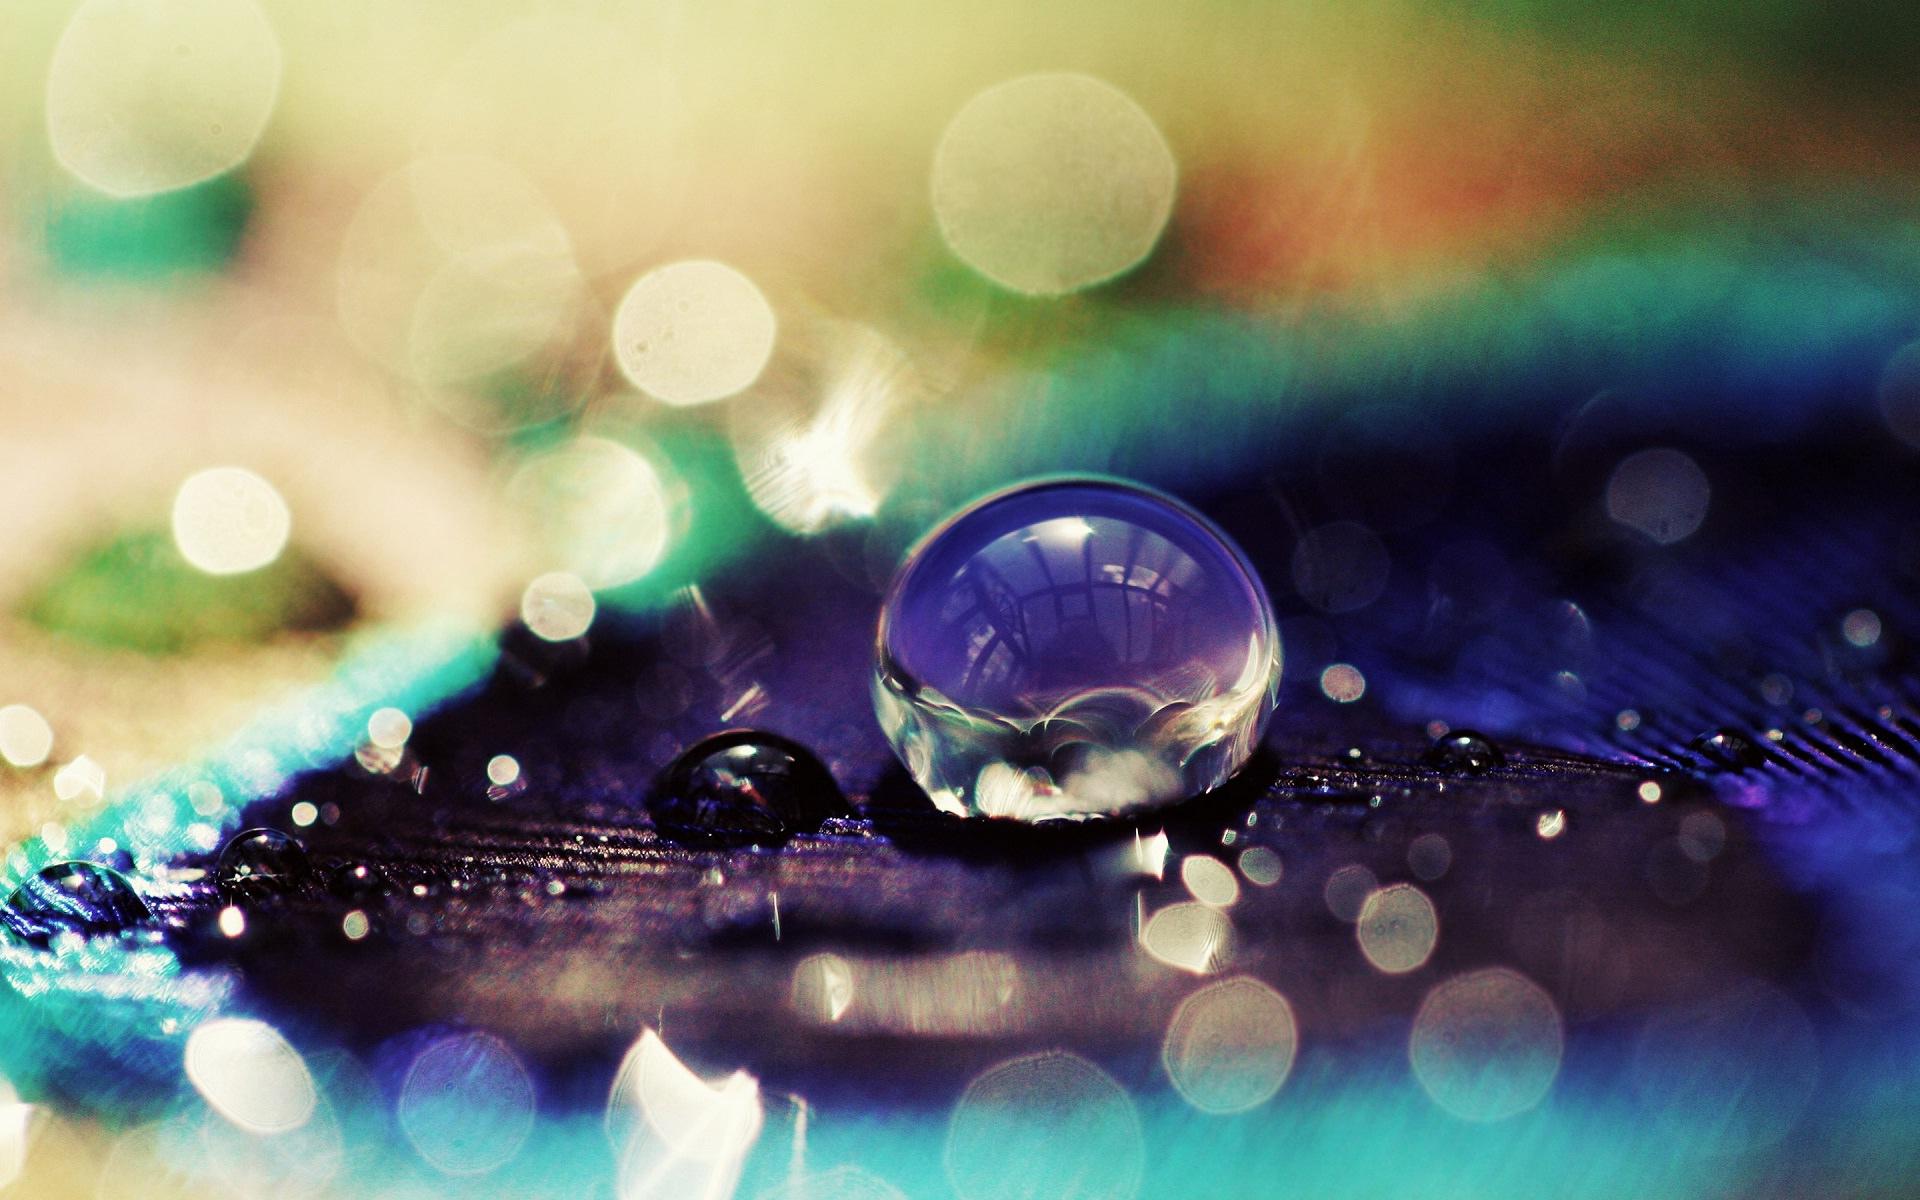 3d Bubbles Wallpaper: 20+ Bubble Desktop Wallpapers, Backgrounds, Images